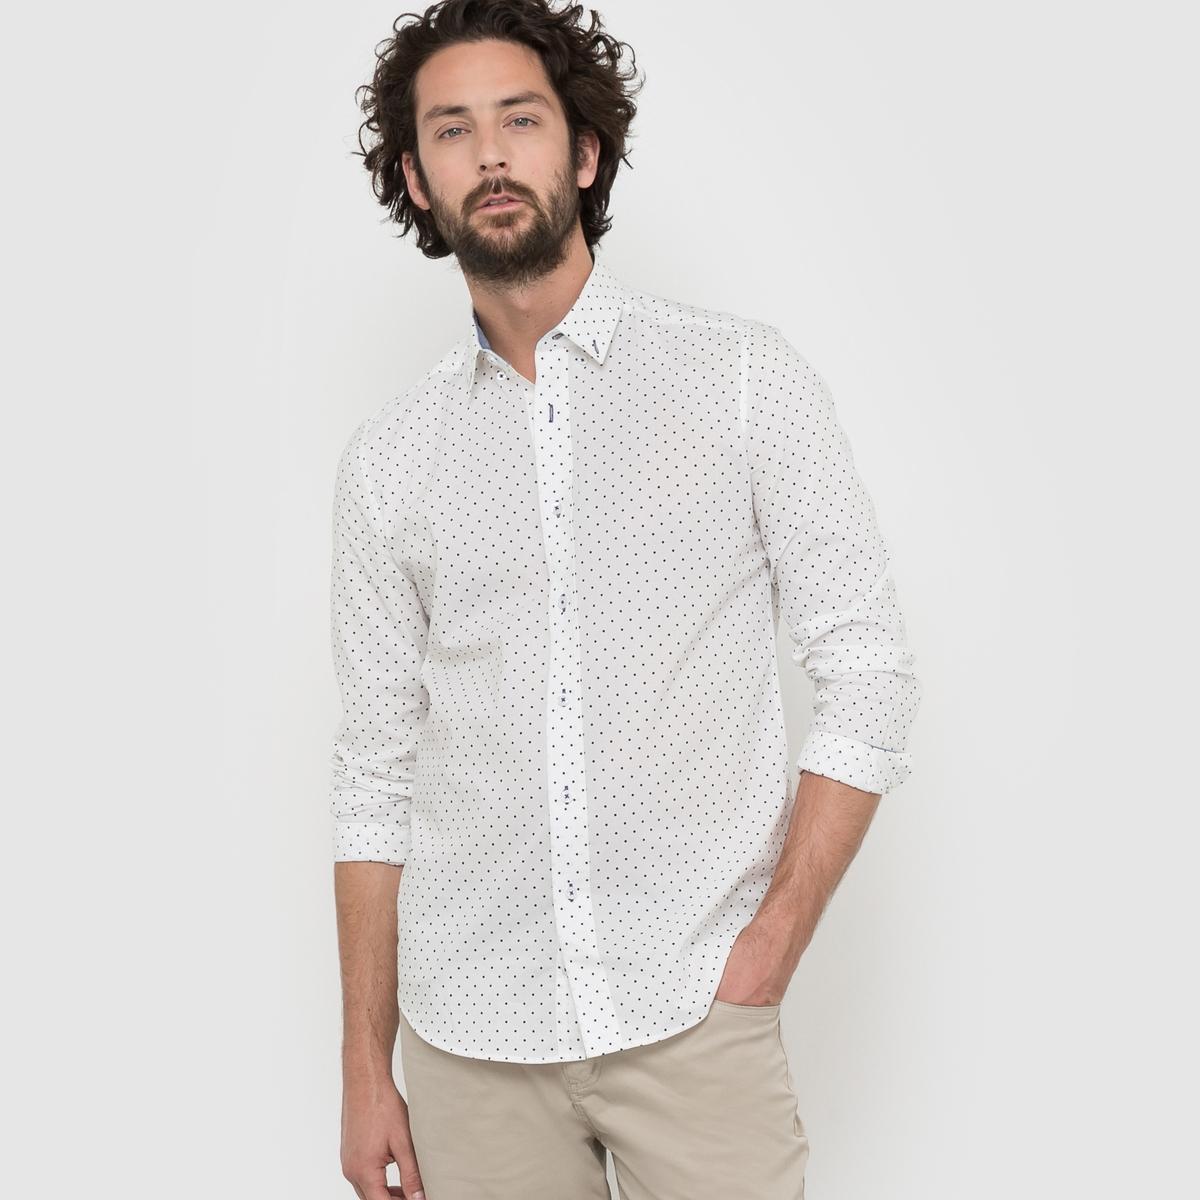 Рубашка узкого покроя с рисунком с длинными рукавамиРубашка с рисунком в горошек. Узкий покрой, воротник с уголками на пуговицах. Оригинальные вставки. Низ рукавов с застежкой на пуговицы. Слегка закругленный низ. Состав и описаниеМатериал : 55% хлопка, 45% полиэстераМарка :      R ?ditionУходМашинная стирка при 30 °CСтирать с вещами схожих цветовГладить с изнаночной стороны.<br><br>Цвет: в горошек